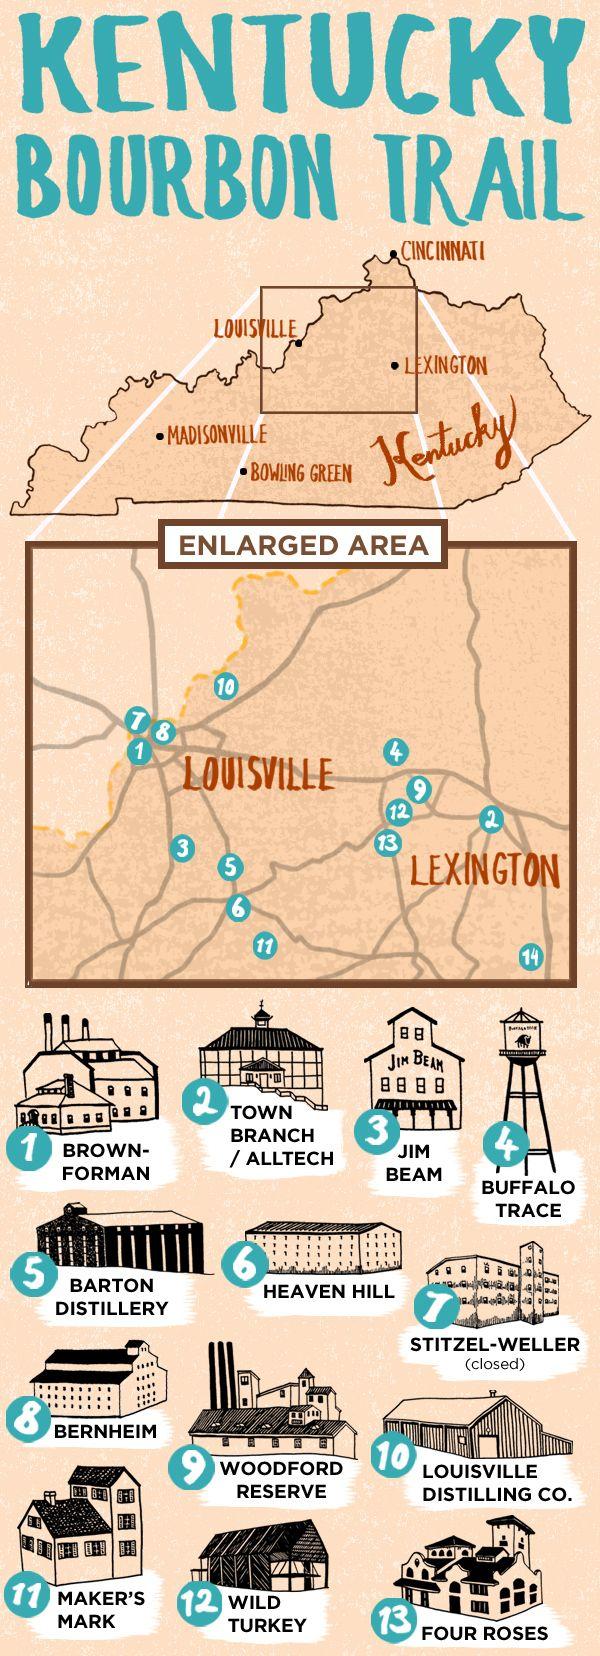 Map Of Kentucky Bourbon Trail  Drinks  Pinterest